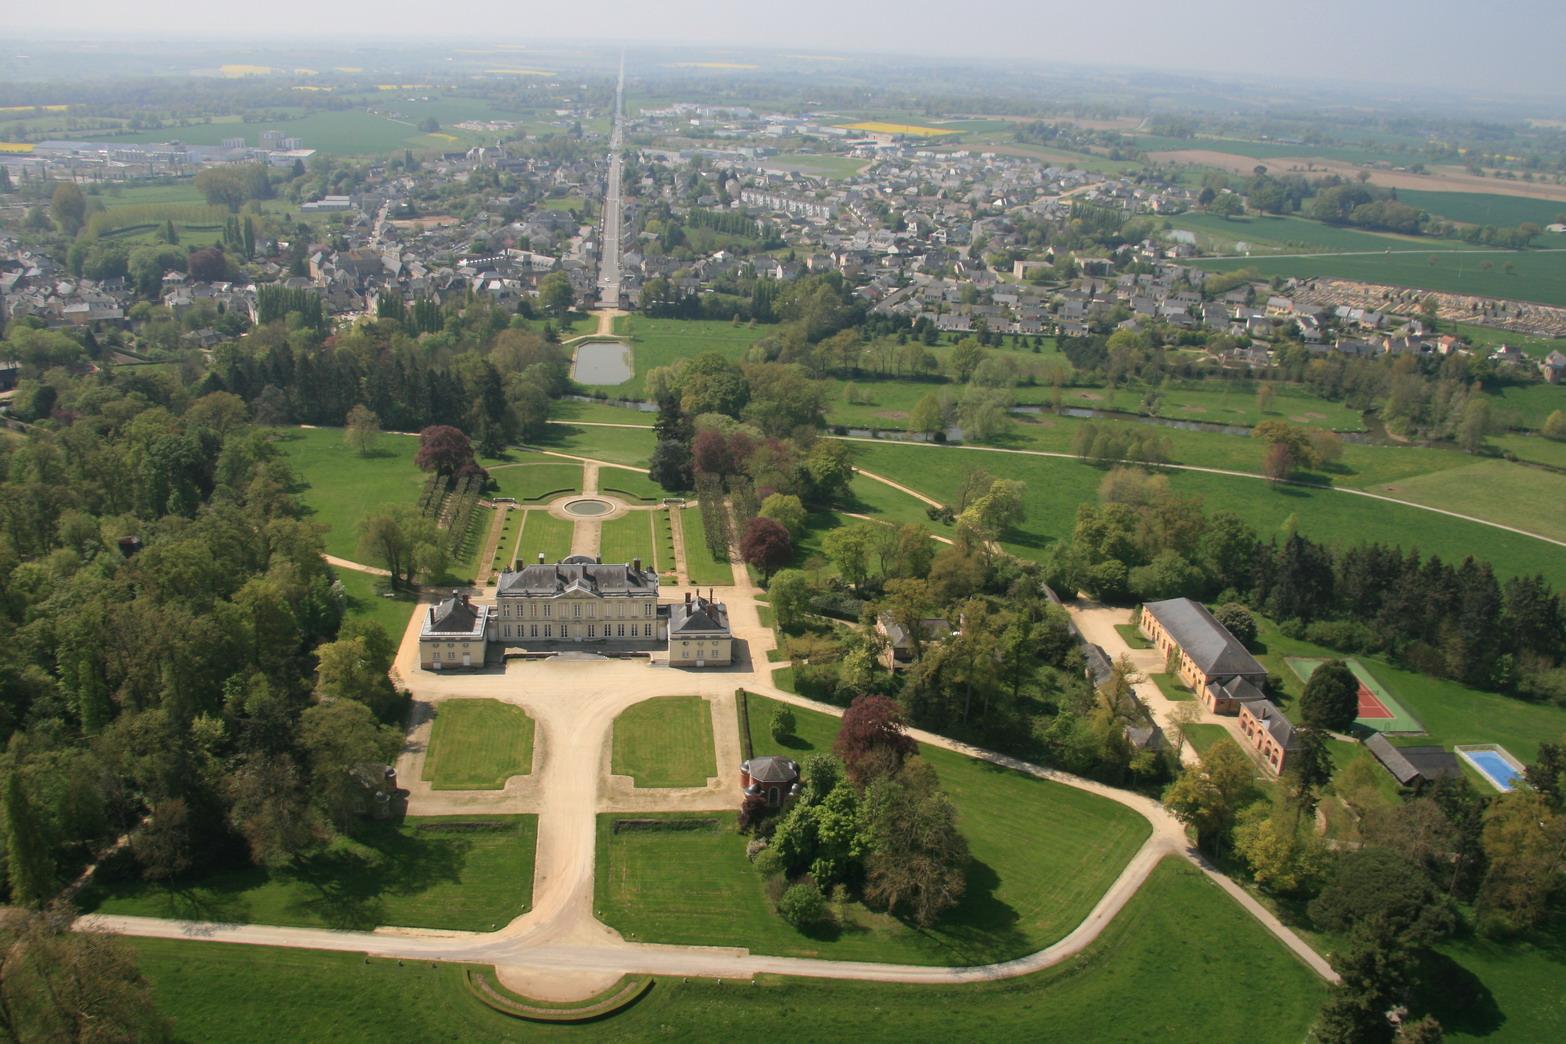 le château et ses jardins en image